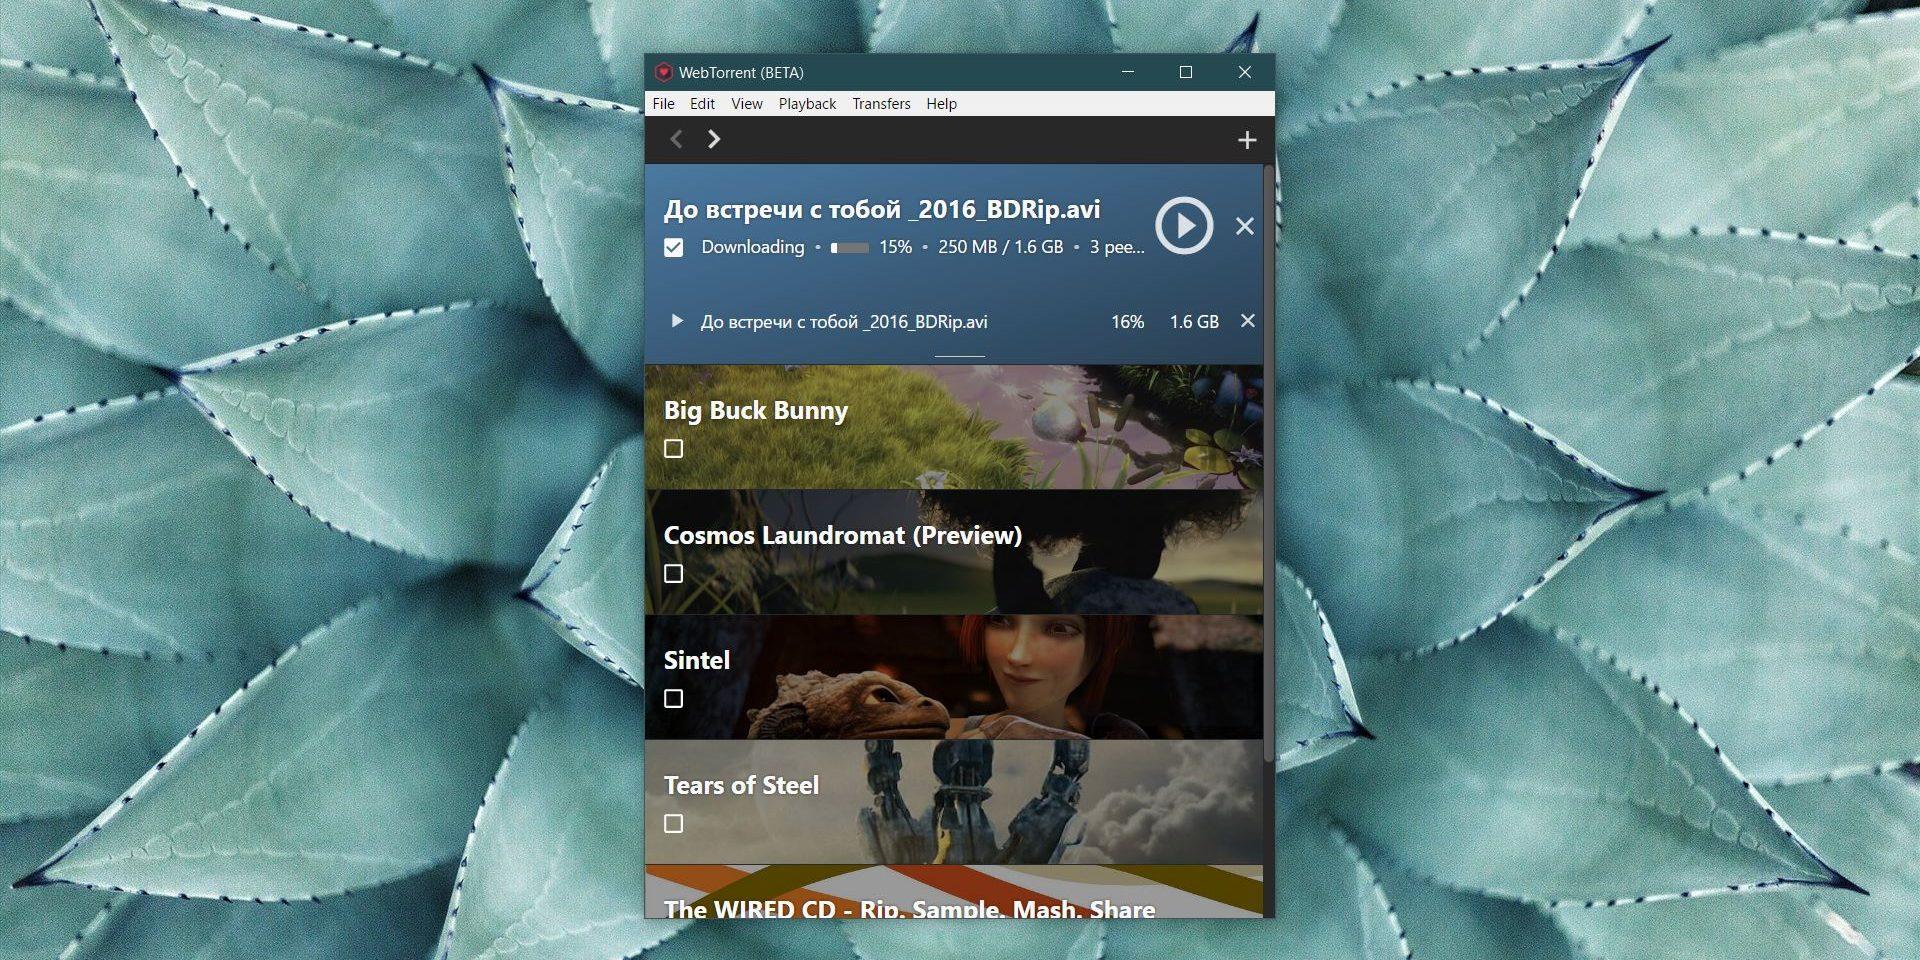 Смотреть фильм через торрент: Проигрывание видео в WebTorrent